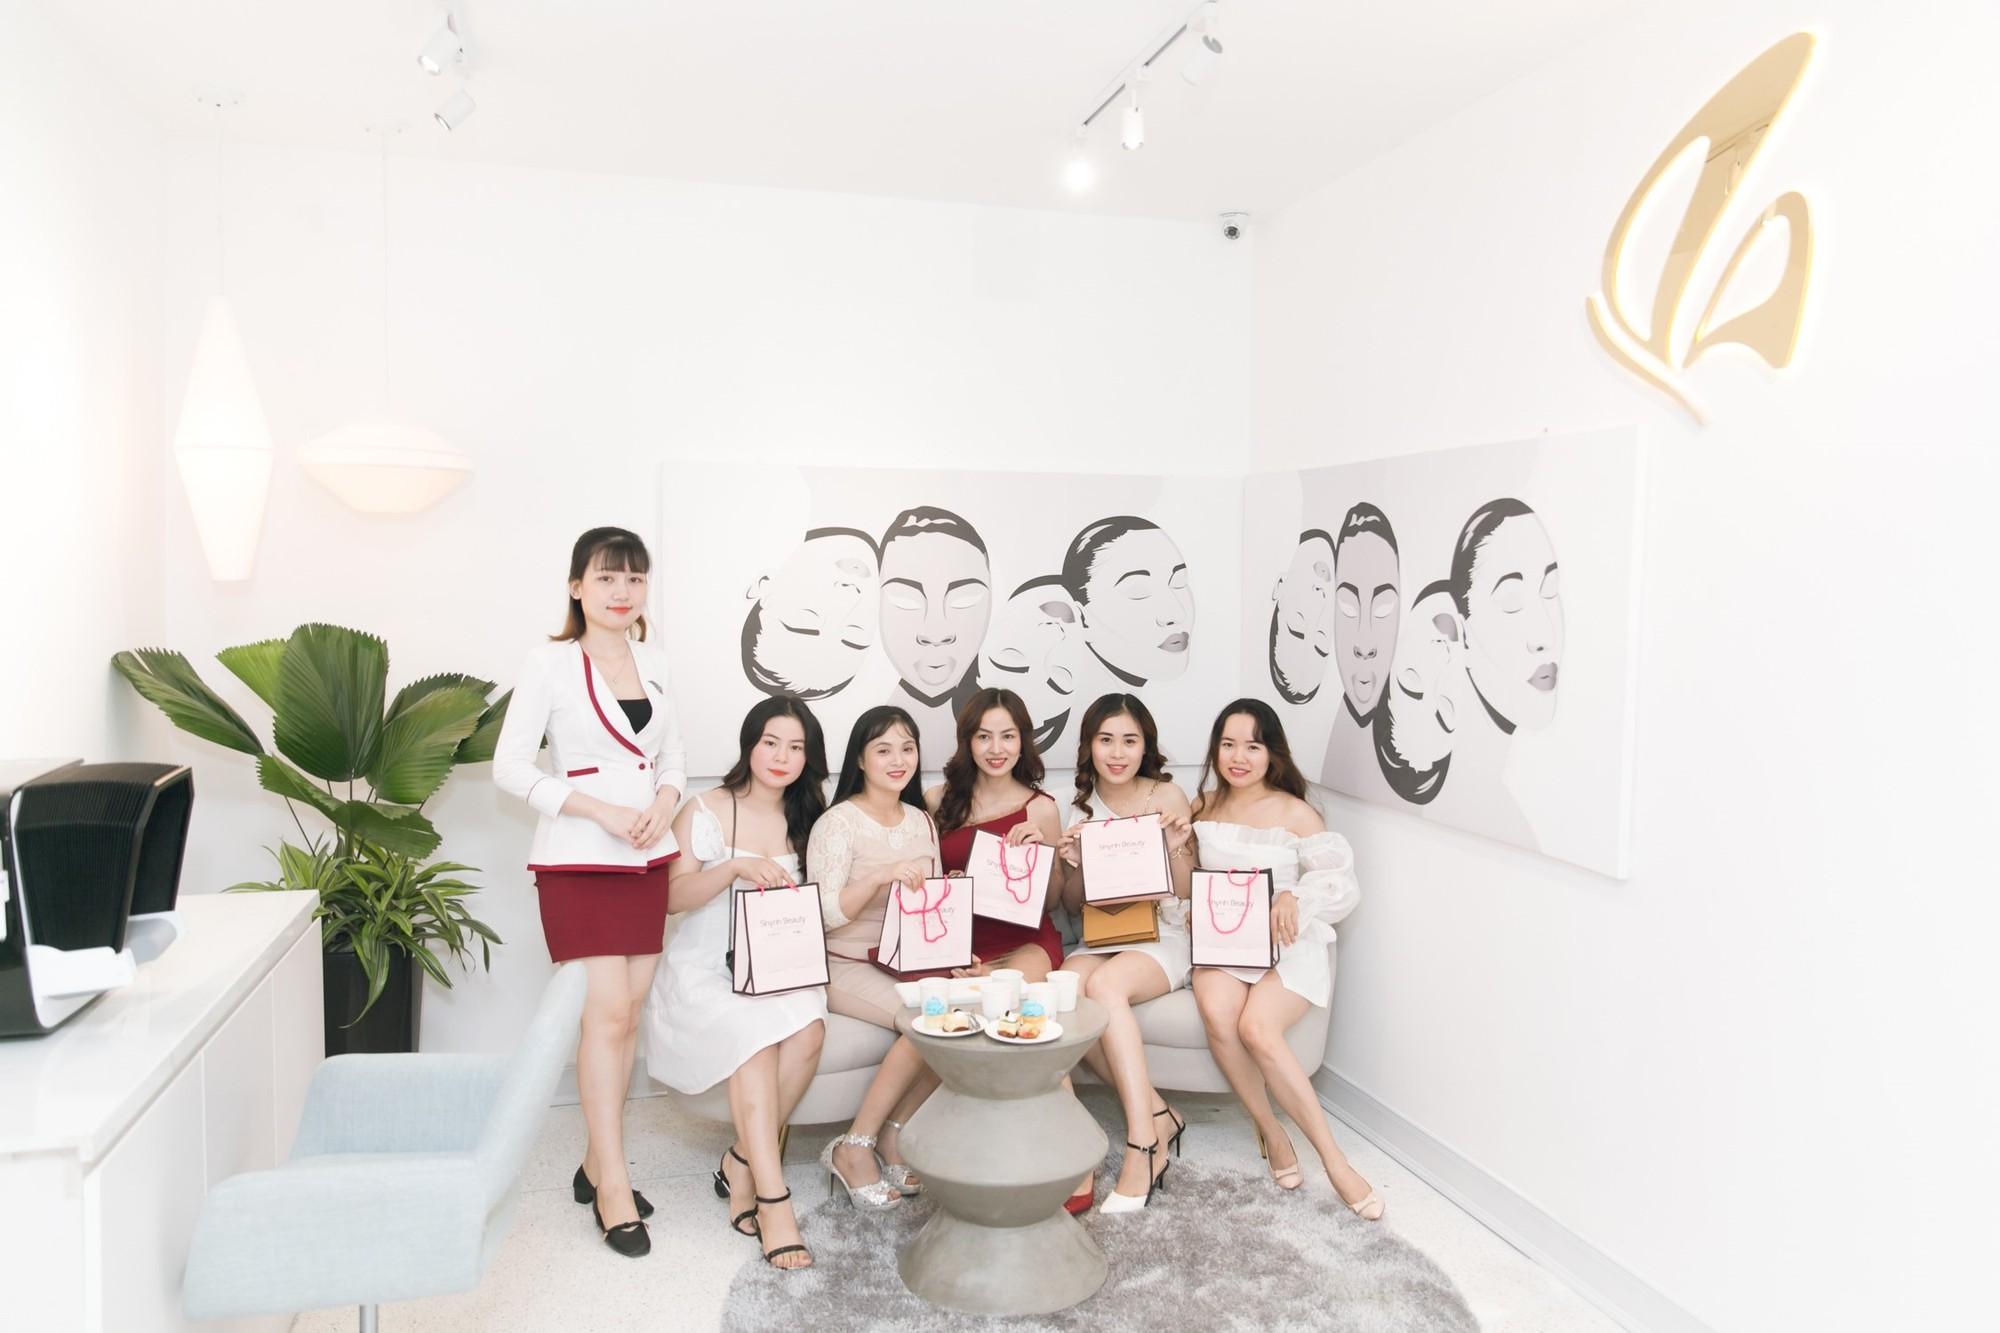 Shynh House Đà Nẵng thu hút khách với không gian đẳng cấp - Ảnh 7.